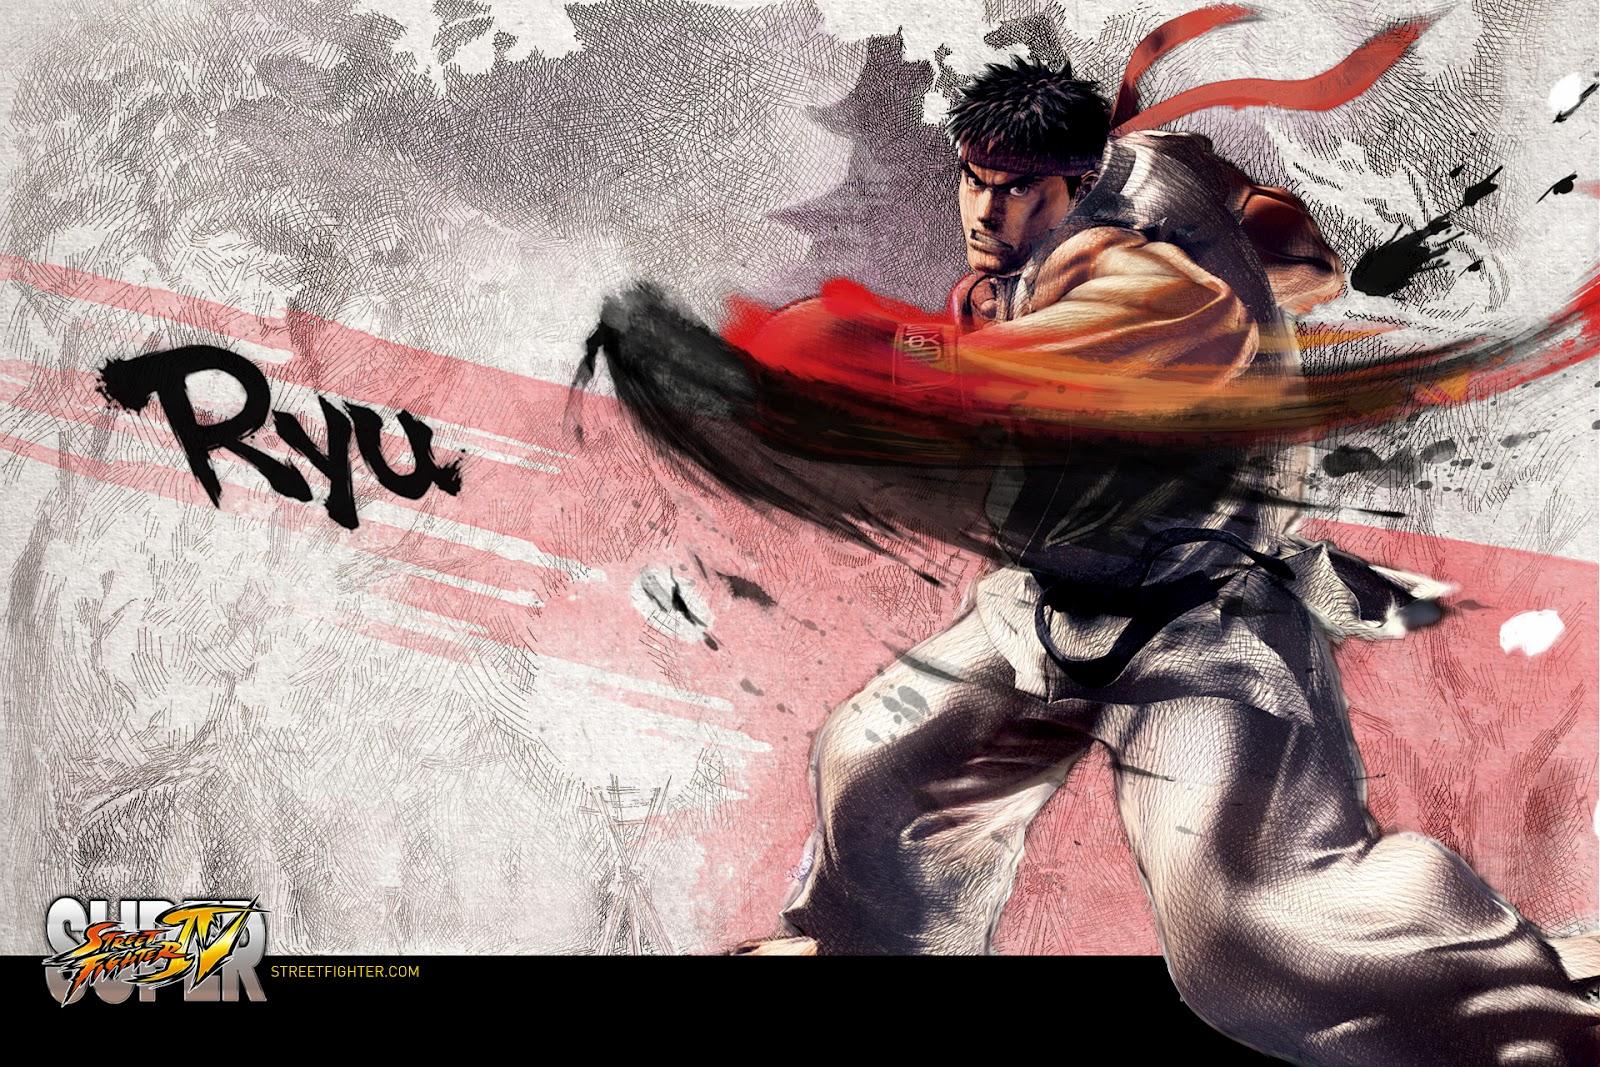 http://1.bp.blogspot.com/-7Era7tEHcao/UFeFDlOAMzI/AAAAAAAAAkE/YNiCeKyvWzo/s1600/Ryu_1920x1280.jpg